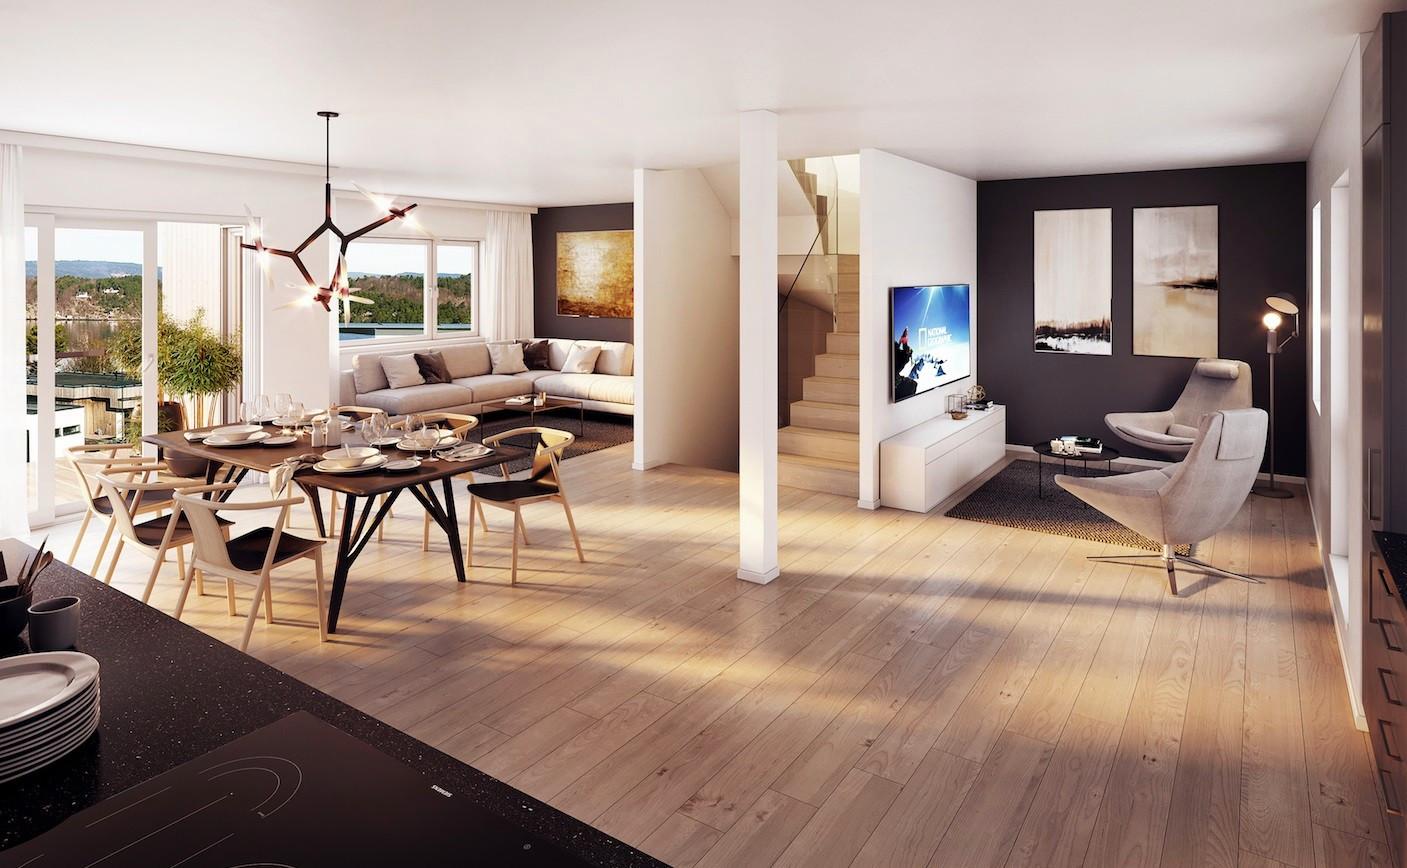 en-smart-planlosning-gir-god-plass-til-bade-kjokken-med-spisebord-foran-balkongen-sofahjorne-og-en-koselig-tv-krok-i-samme-etasje-illustrasjon-2-etg-i-nr-85